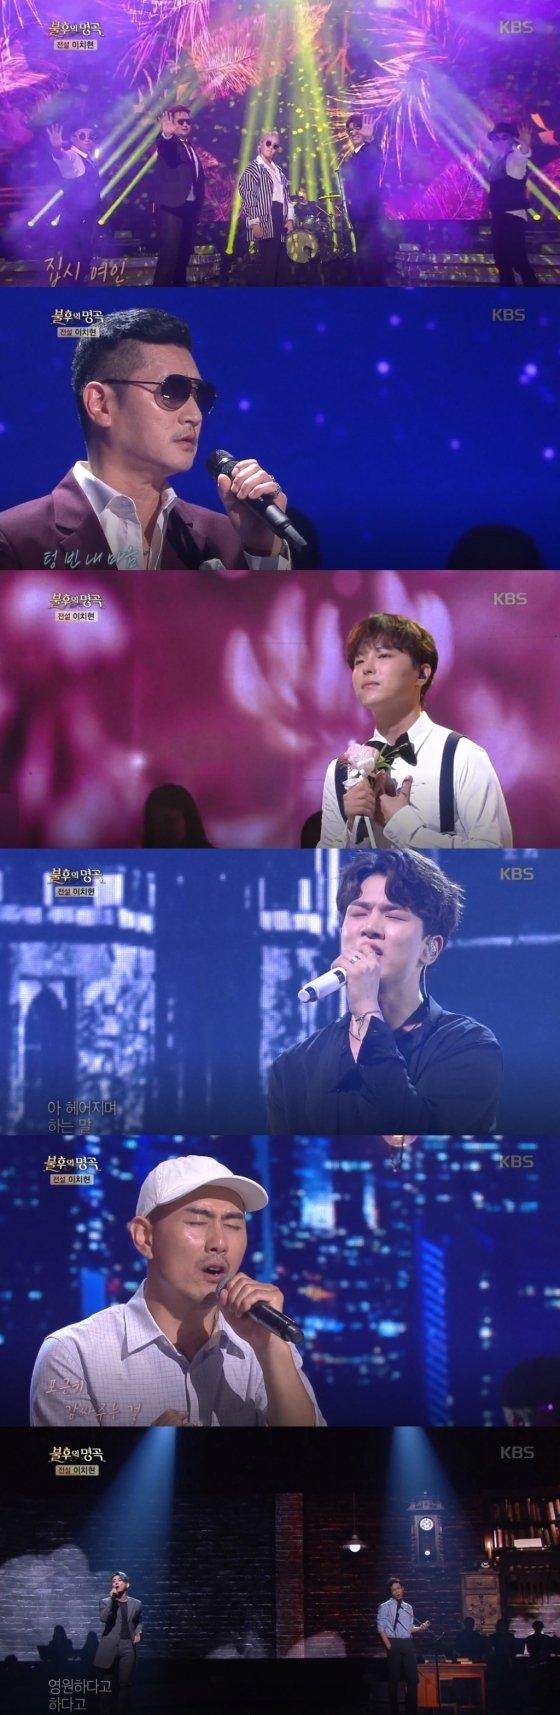 '불후의 명곡' 이치현편 방송 장면/사진=KBS2 방송 장면